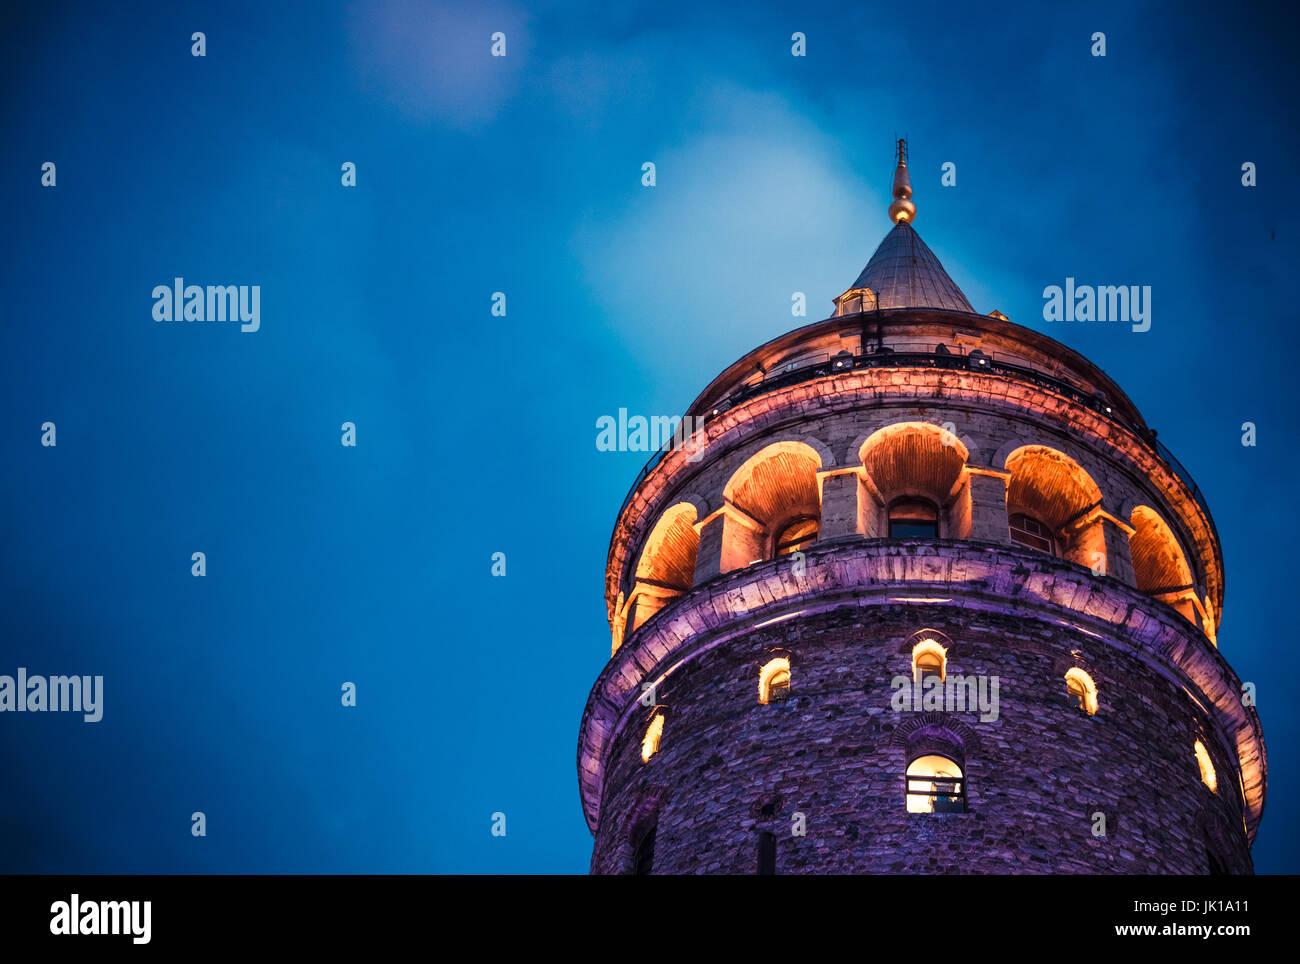 Nuit vue sur la Tour de Galata (Galata Kulesi): Turc Galata (Kulesih) Christea Turris est une cité médiévale Photo Stock